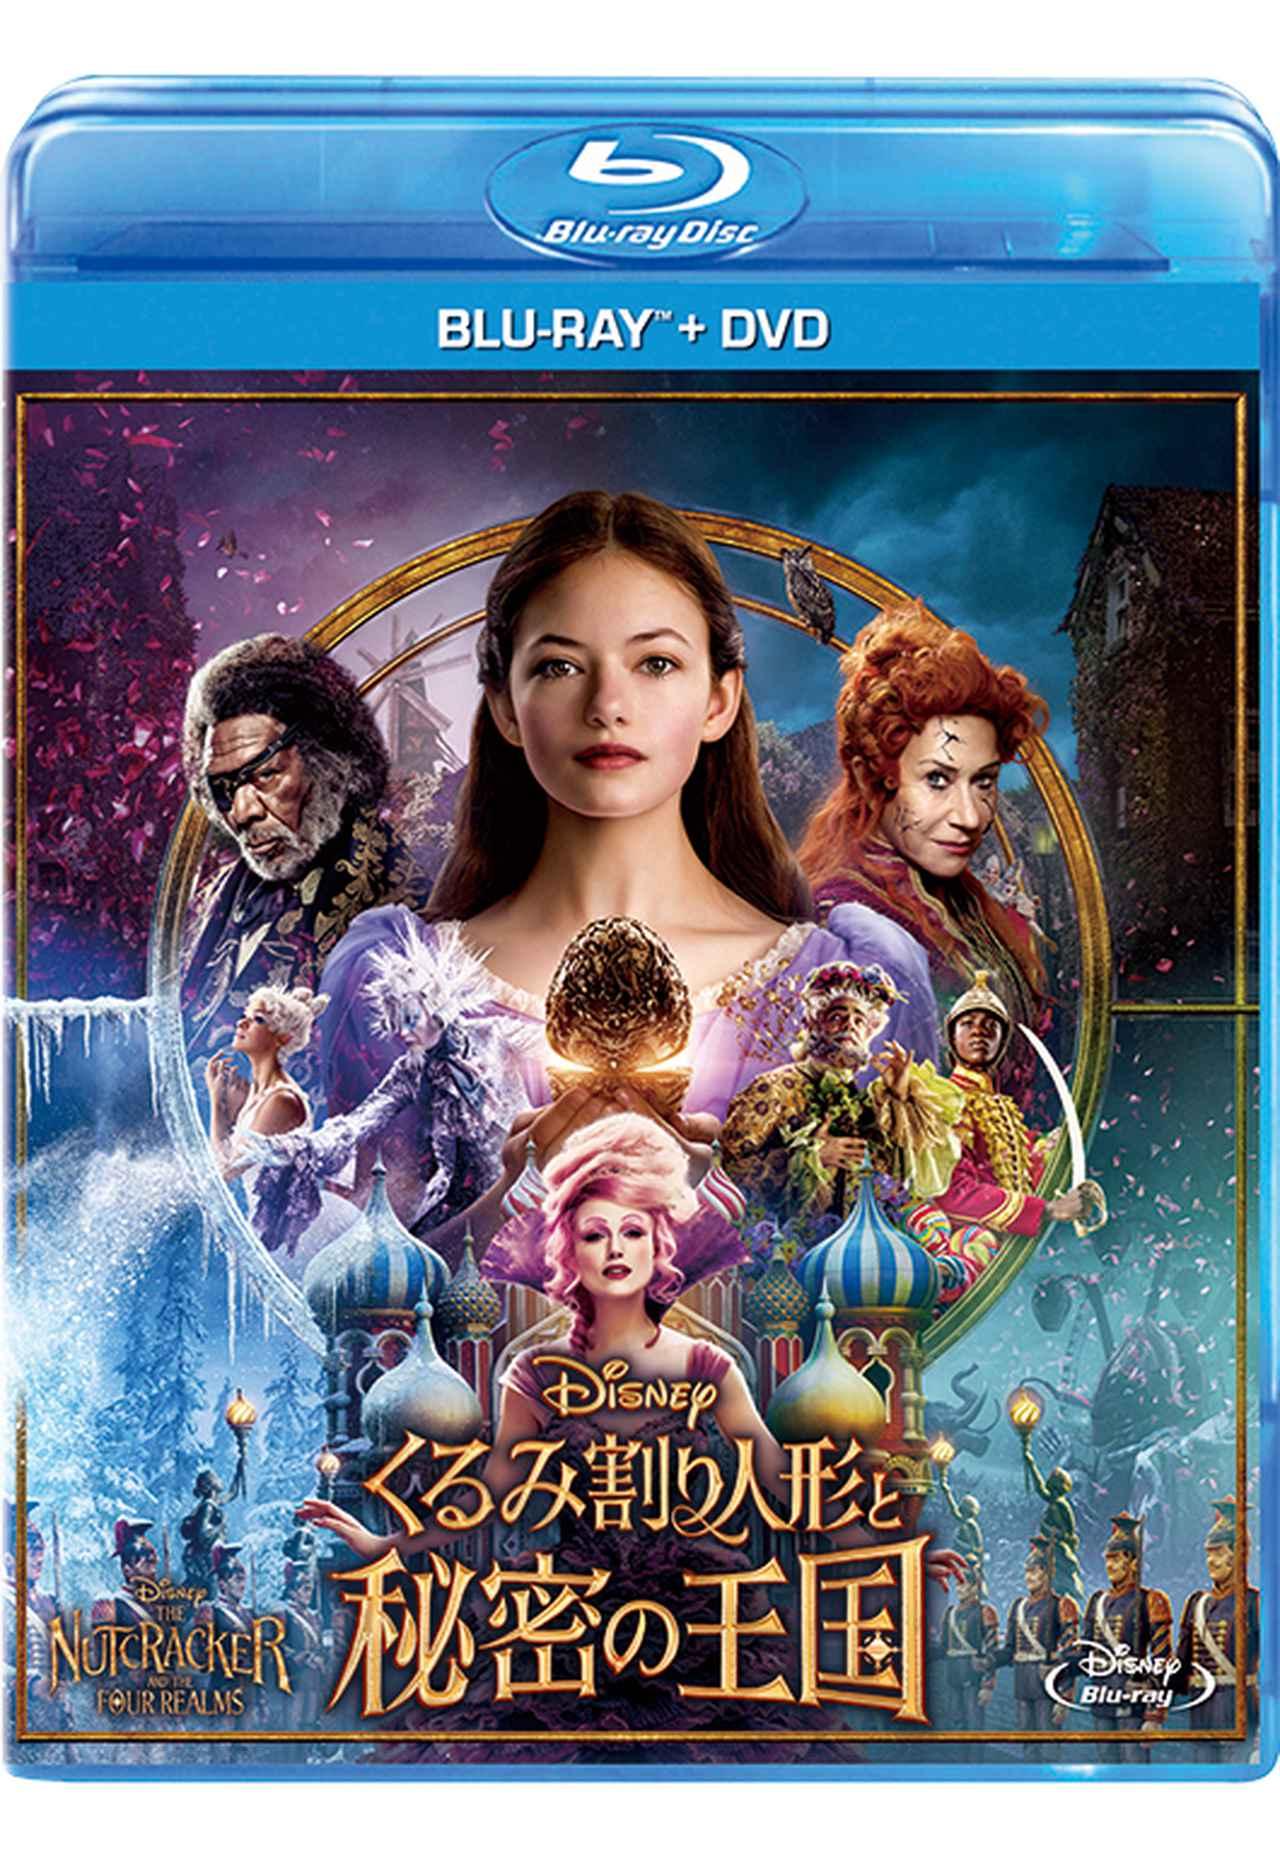 画像: くるみ割り人形と秘密の王国|映画/ブルーレイ・DVD・デジタル配信|ディズニー公式